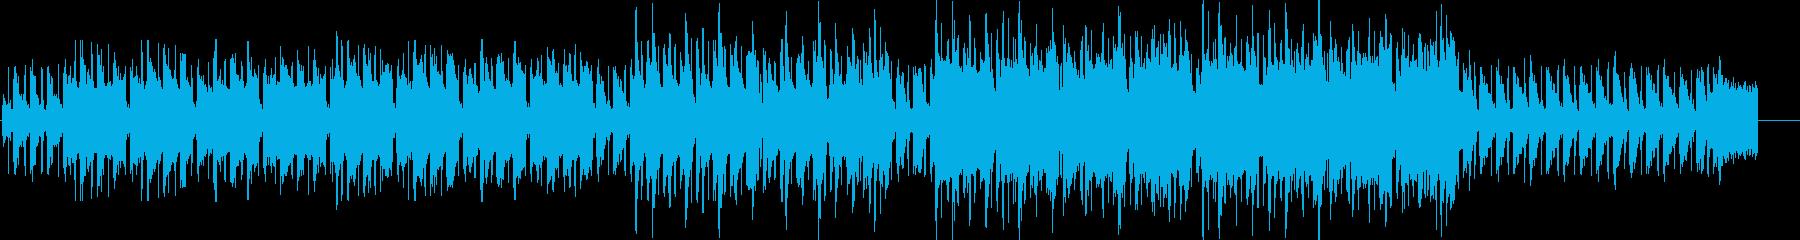 アコーディオンが奏でる哀愁感のあるワルツの再生済みの波形